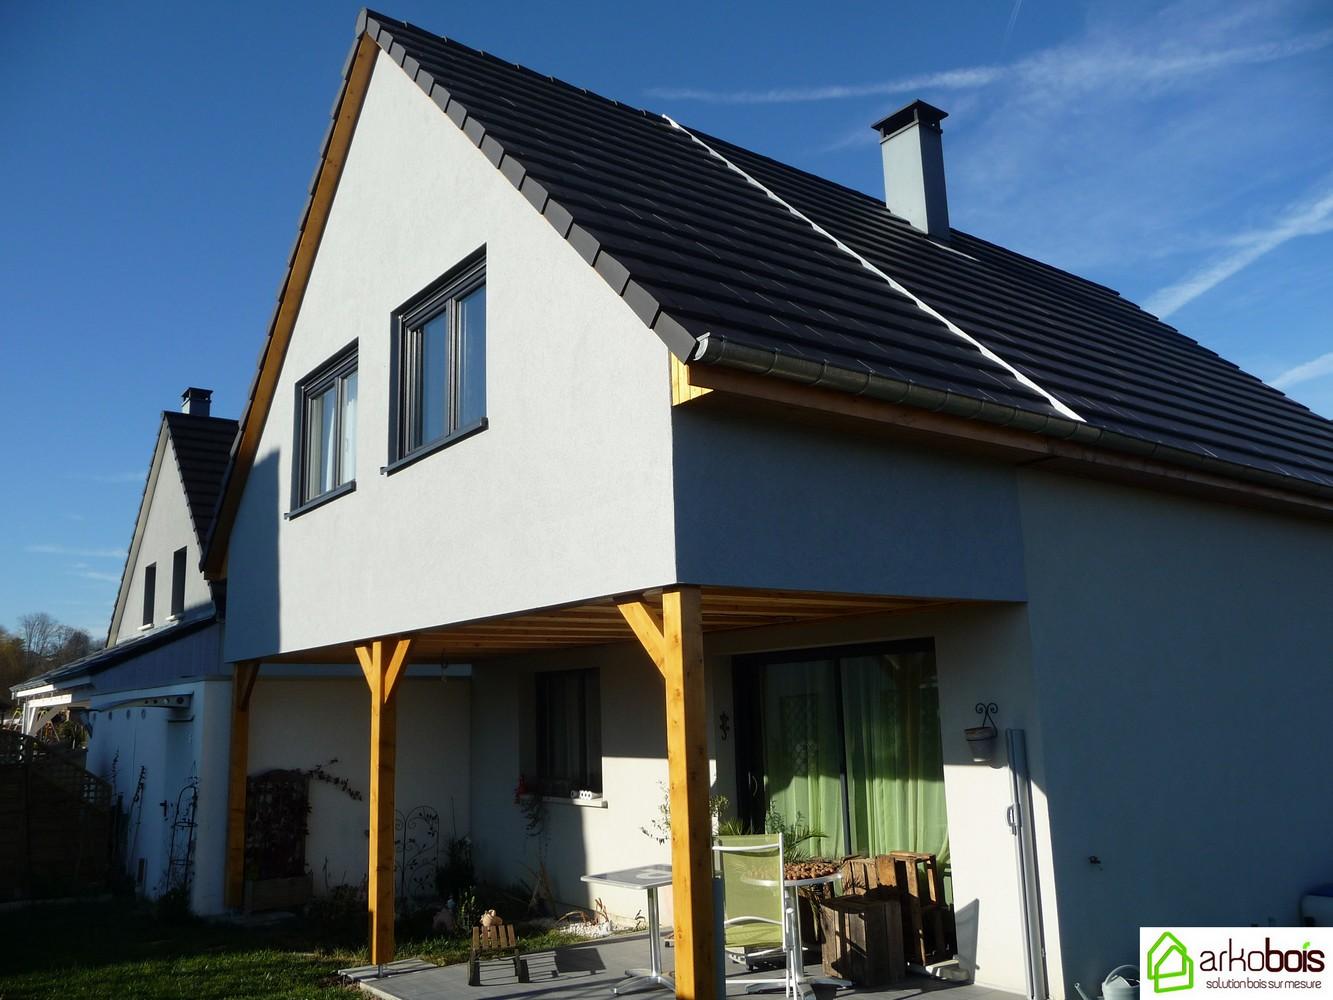 Arkobois notre sp cialit l 39 agrandissement de votre maison for Agrandissement maison 22